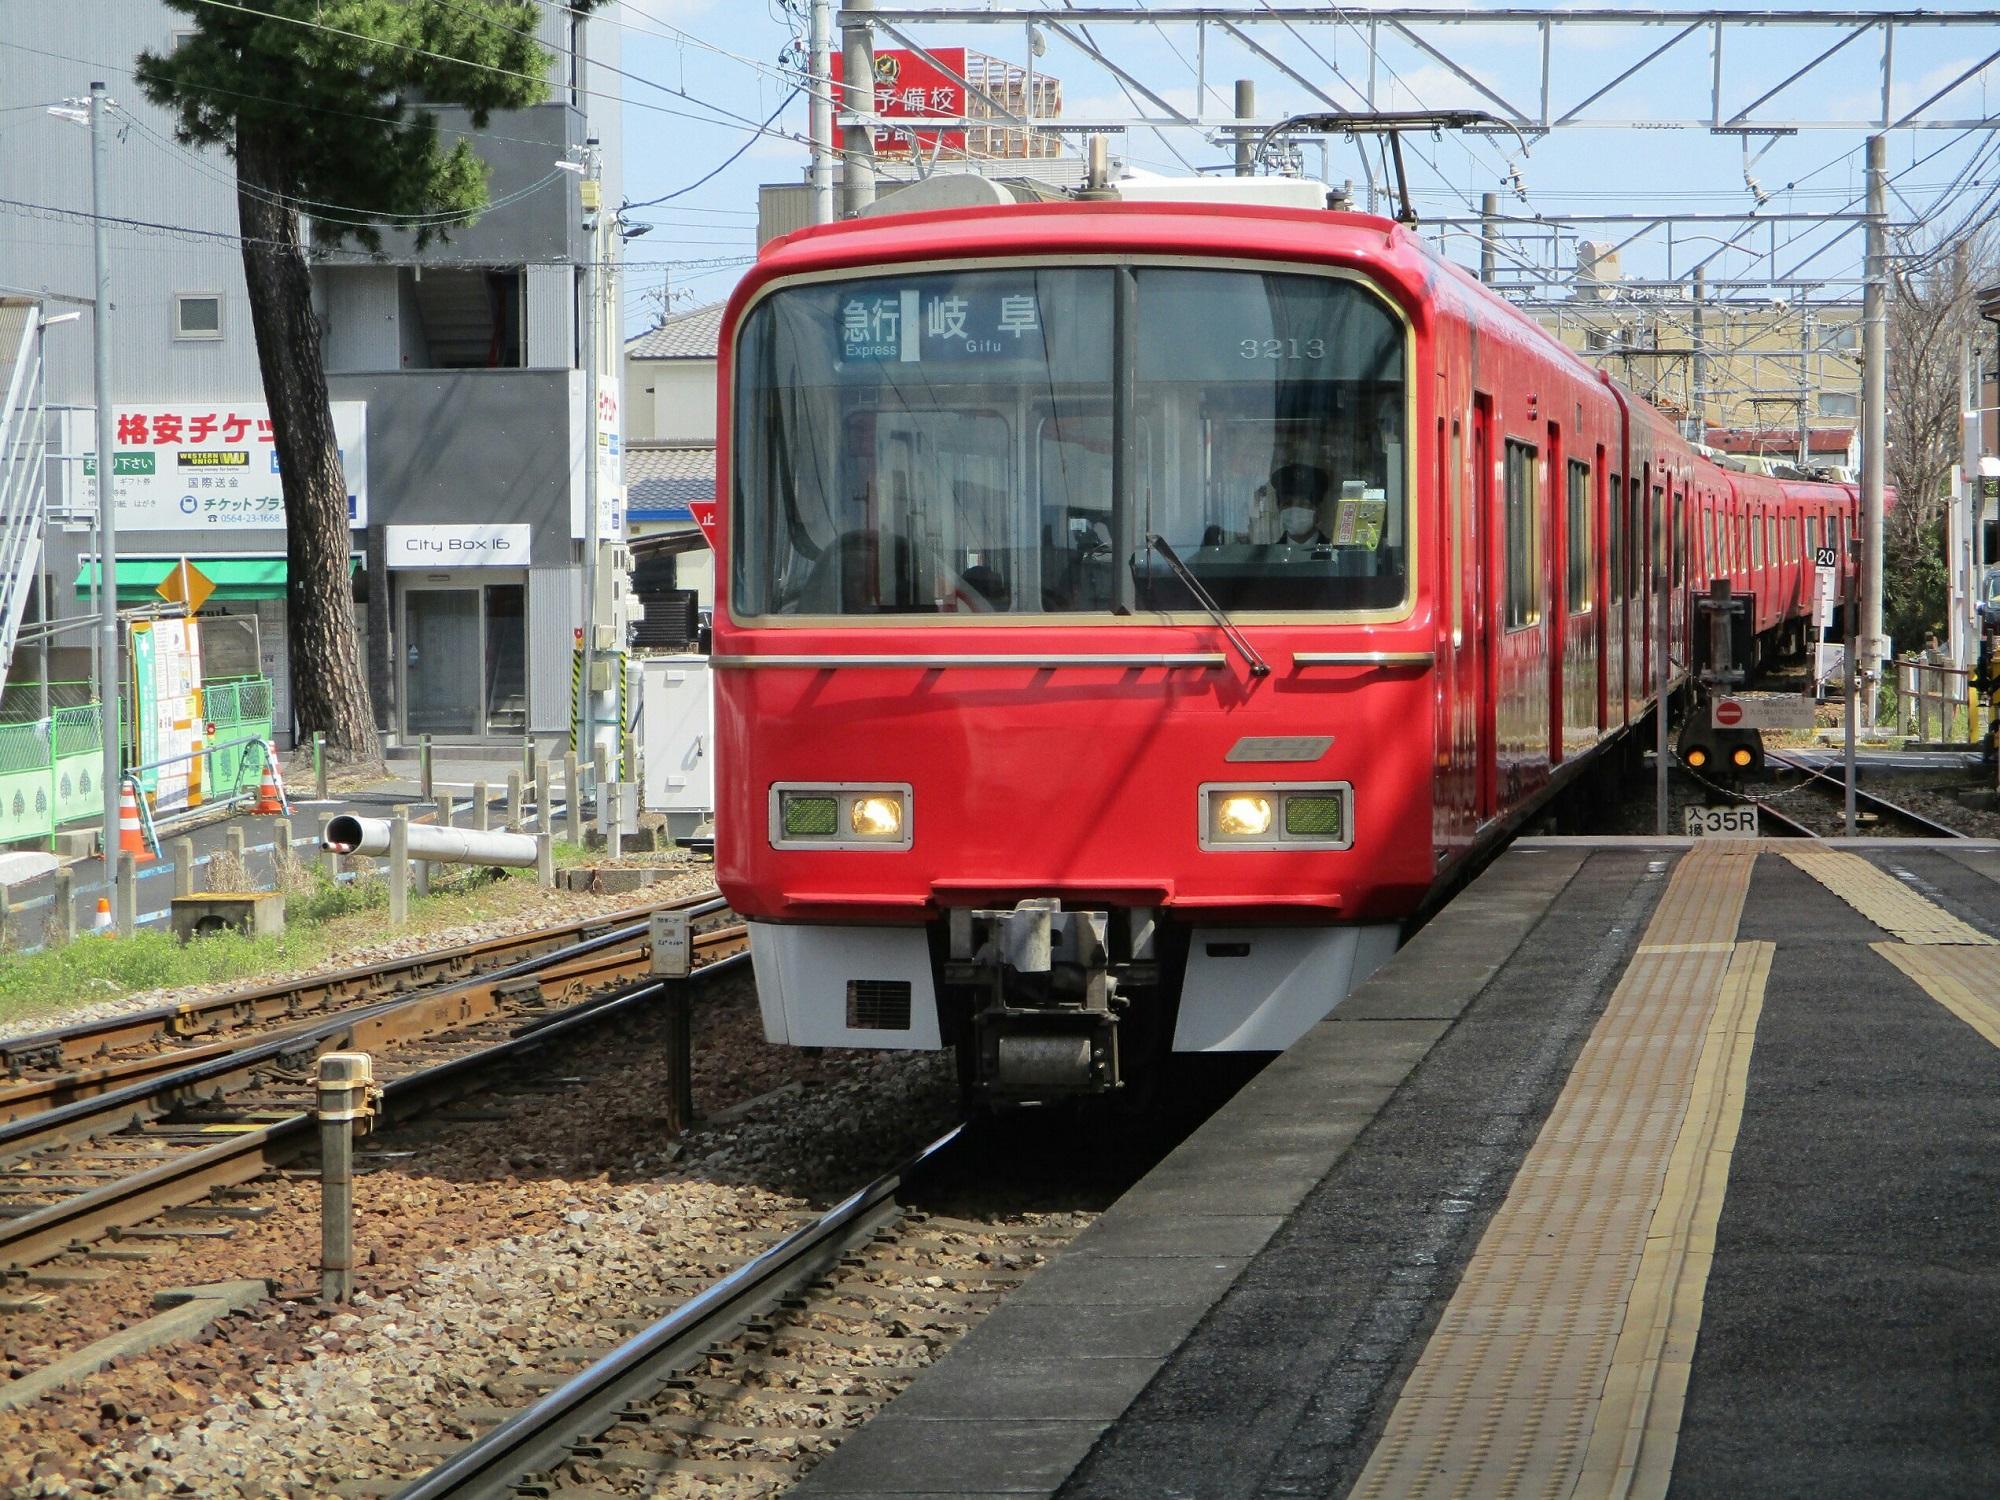 2019.4.3 (21) 東岡崎 - 岐阜いき急行 2000-1500